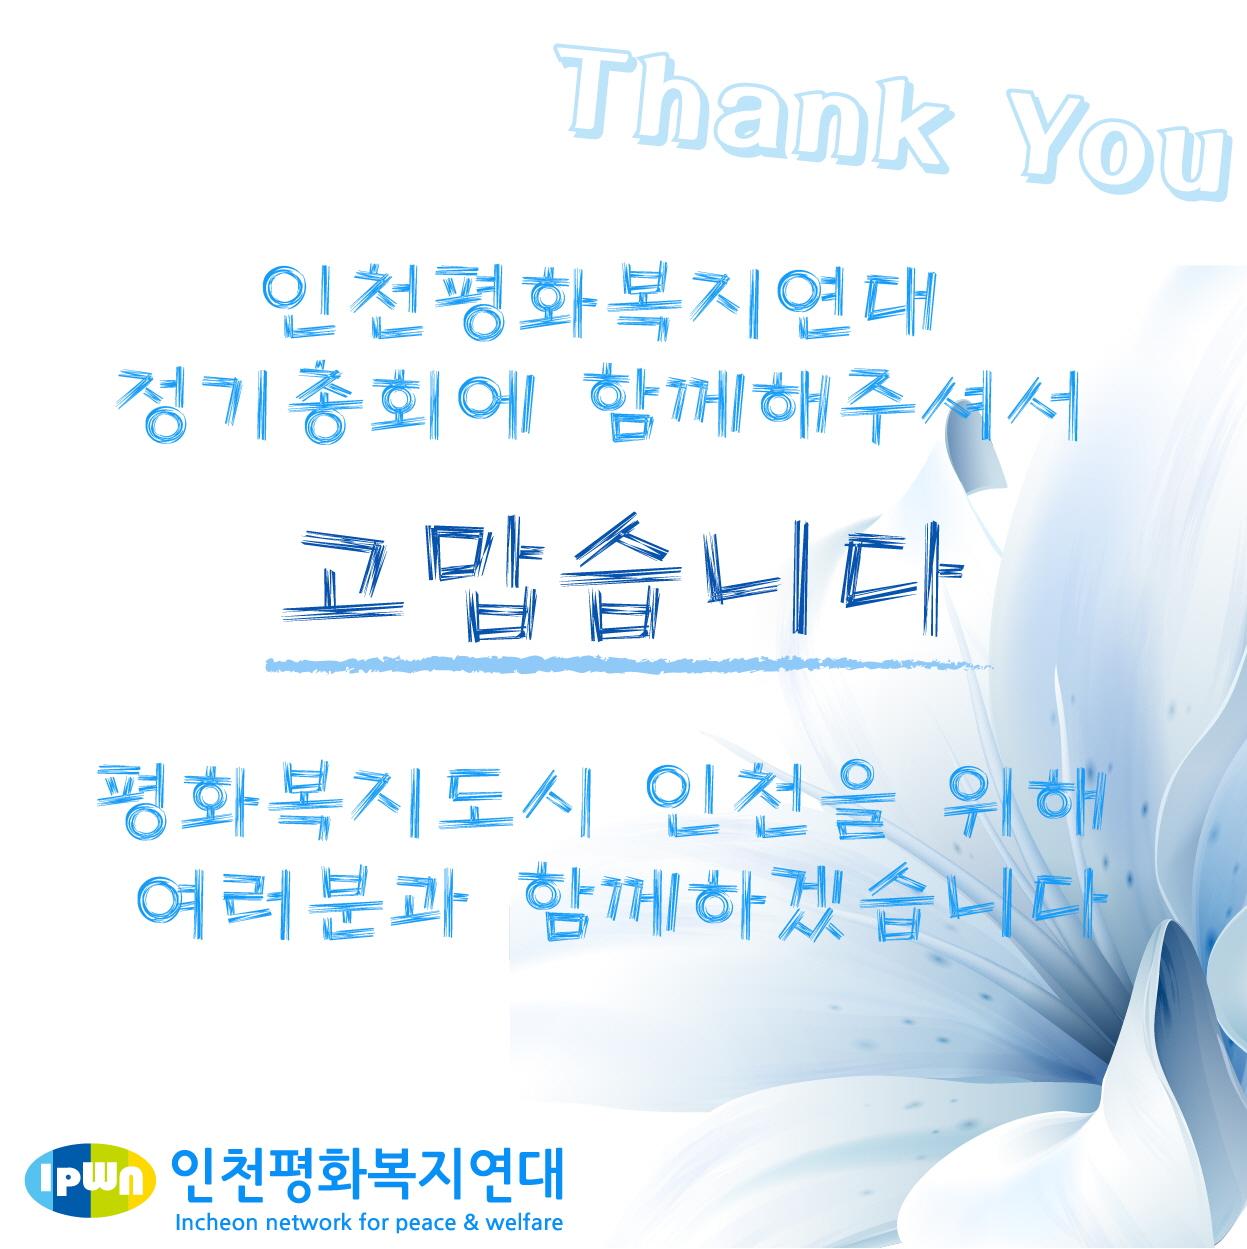 편집-2017 인천평화복지연대 총회 인사.jpg